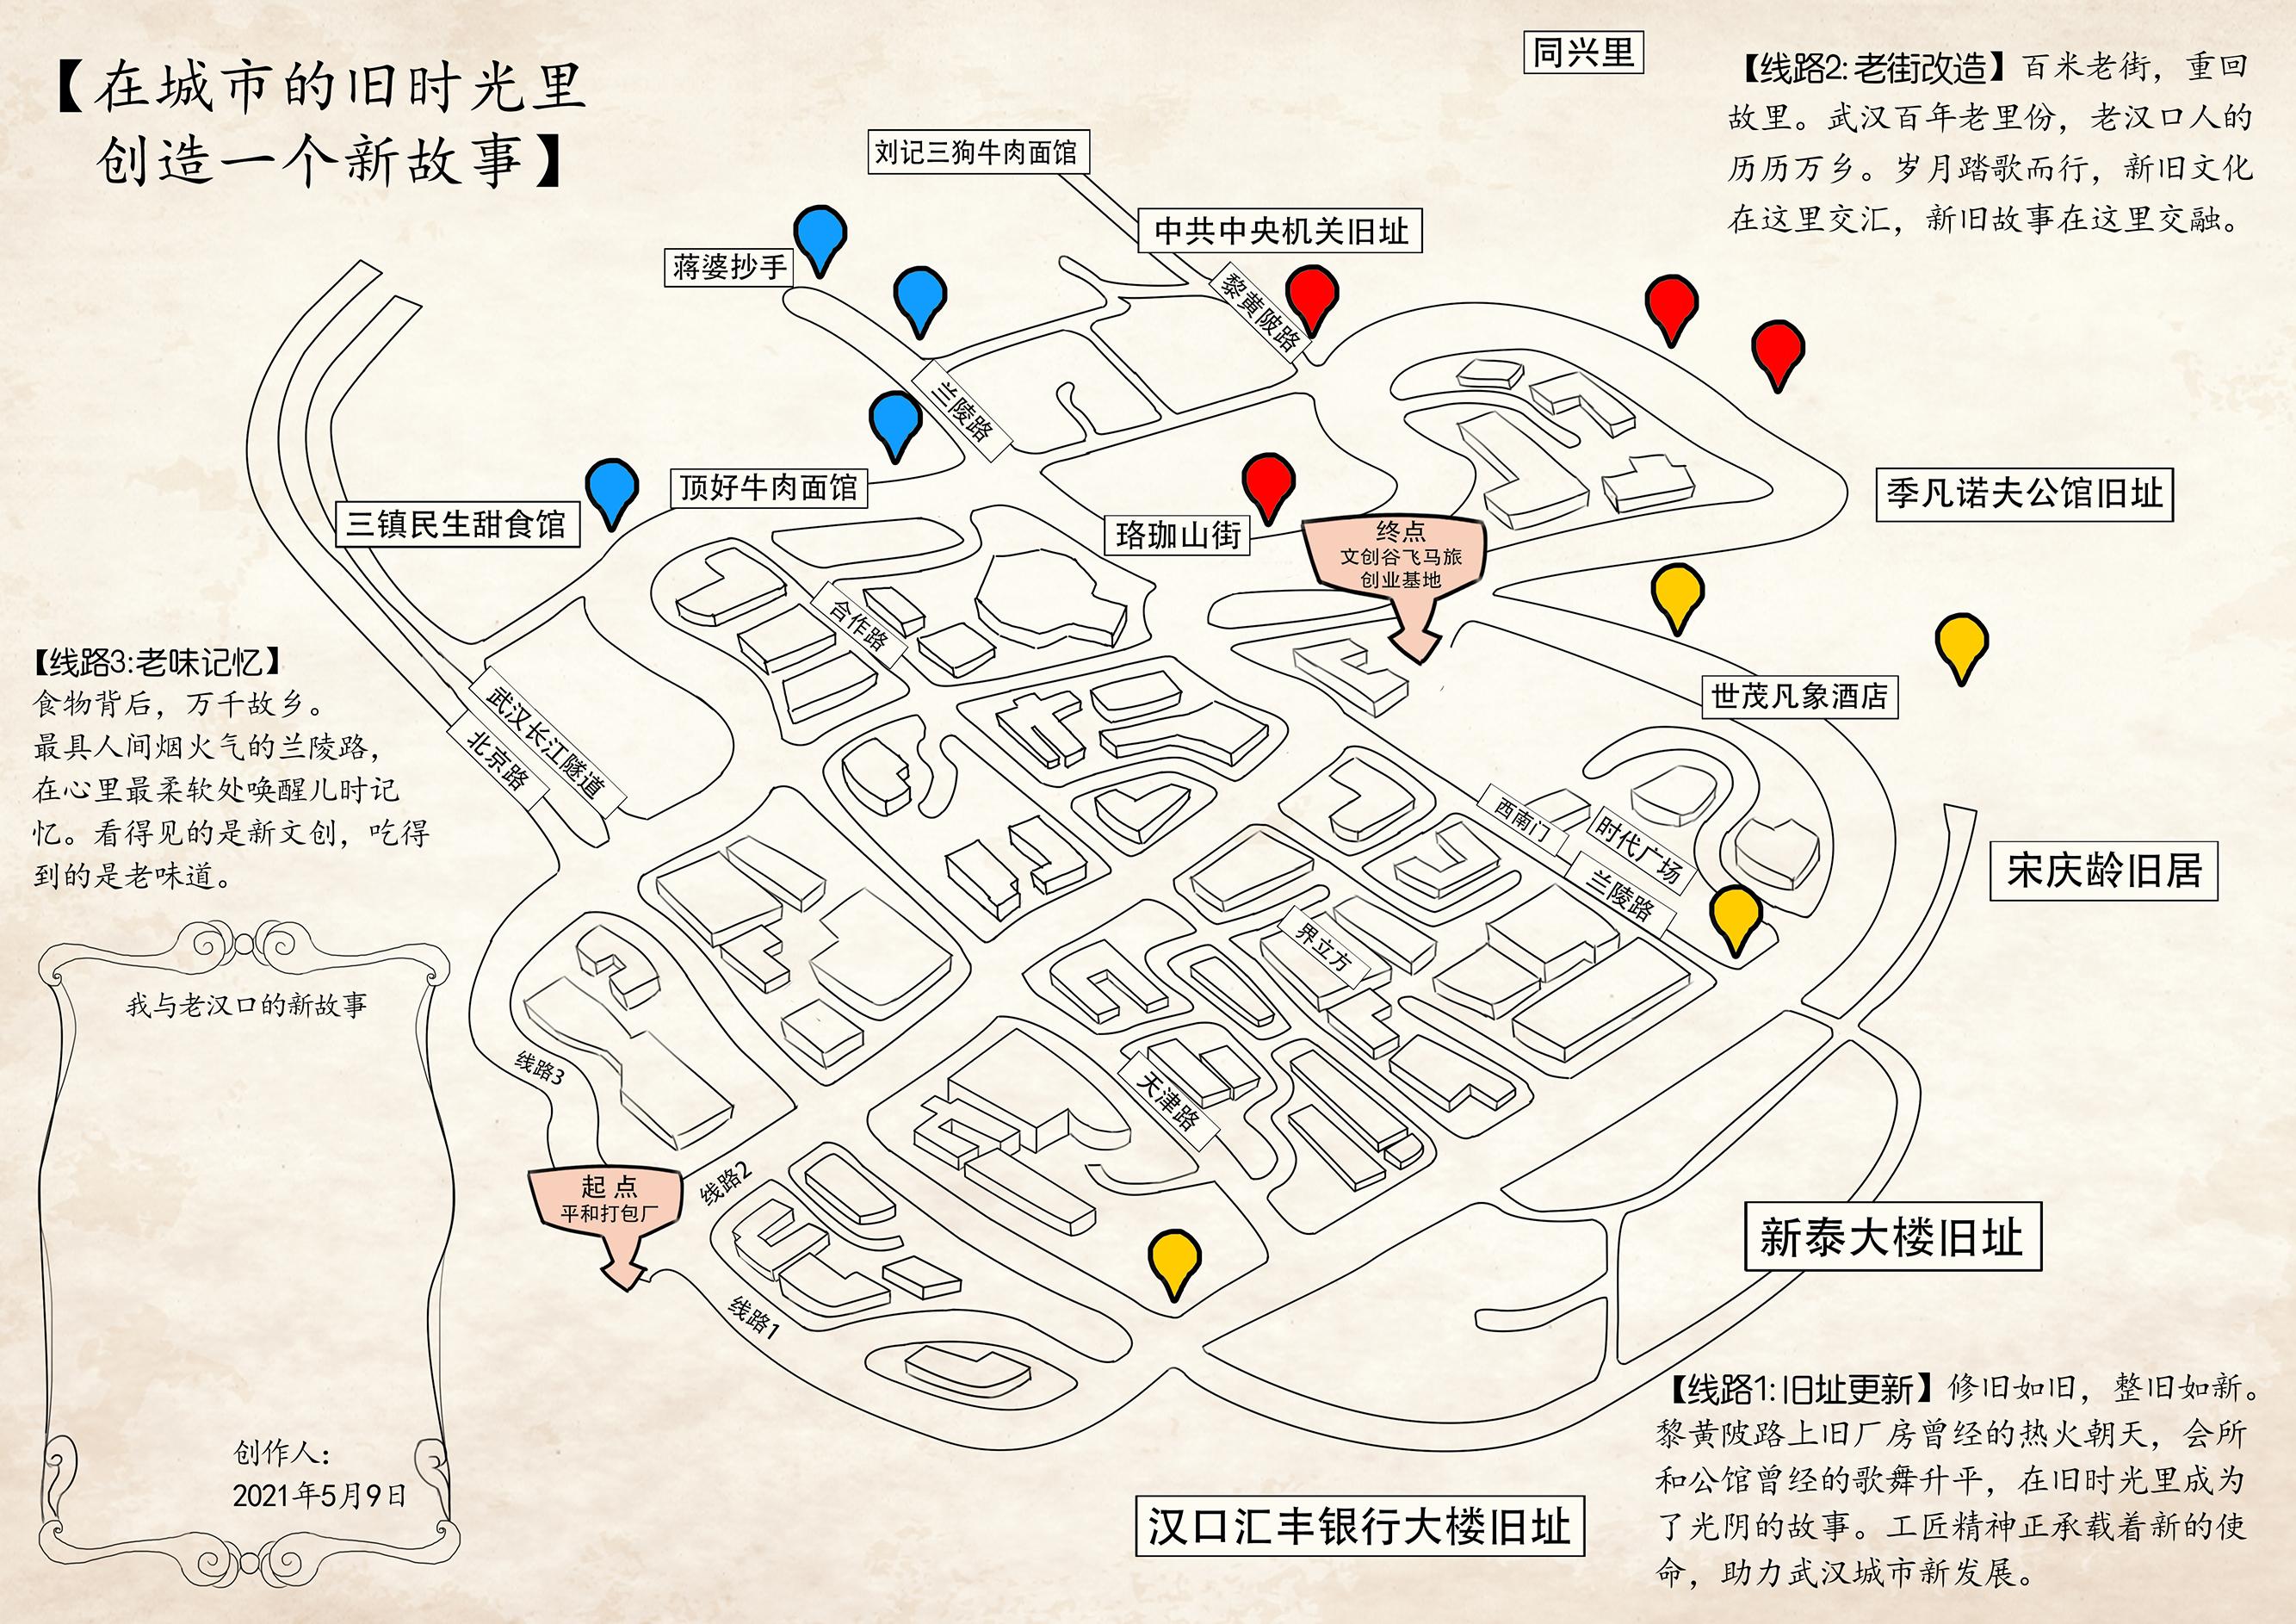 地图和地方方言美术造型设计